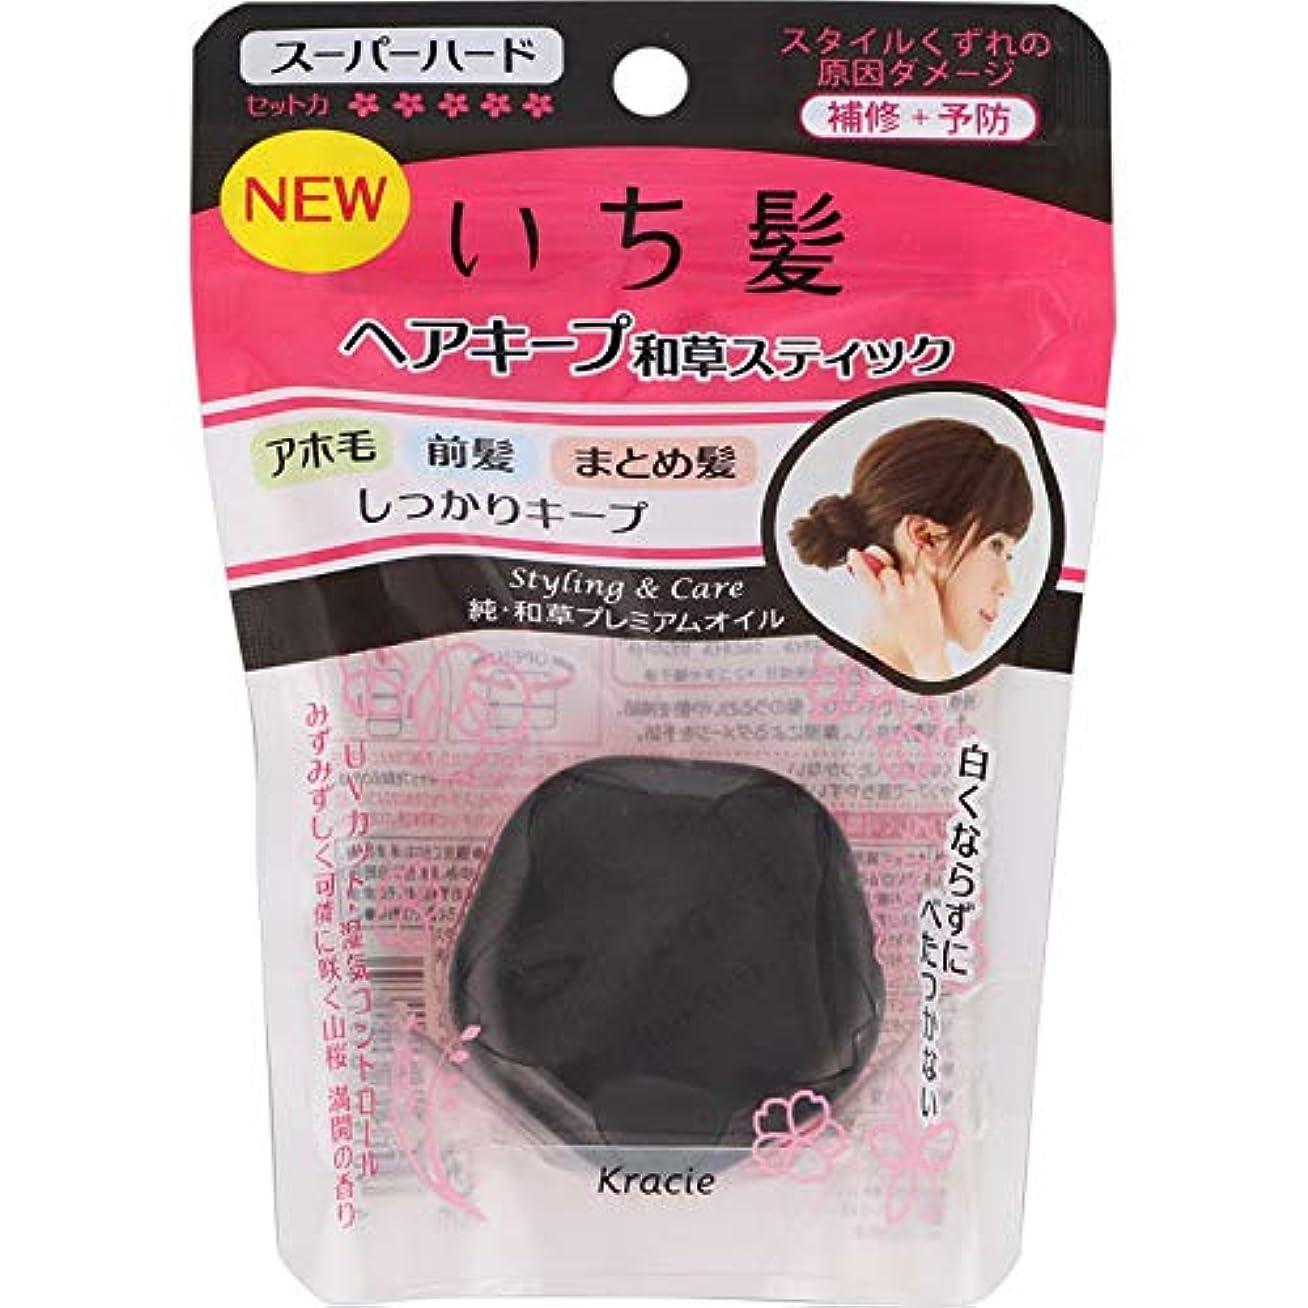 アーサーコナンドイルお香リーズいち髪 ヘアキープ和草スティック(スーパーハード) × 10個セット